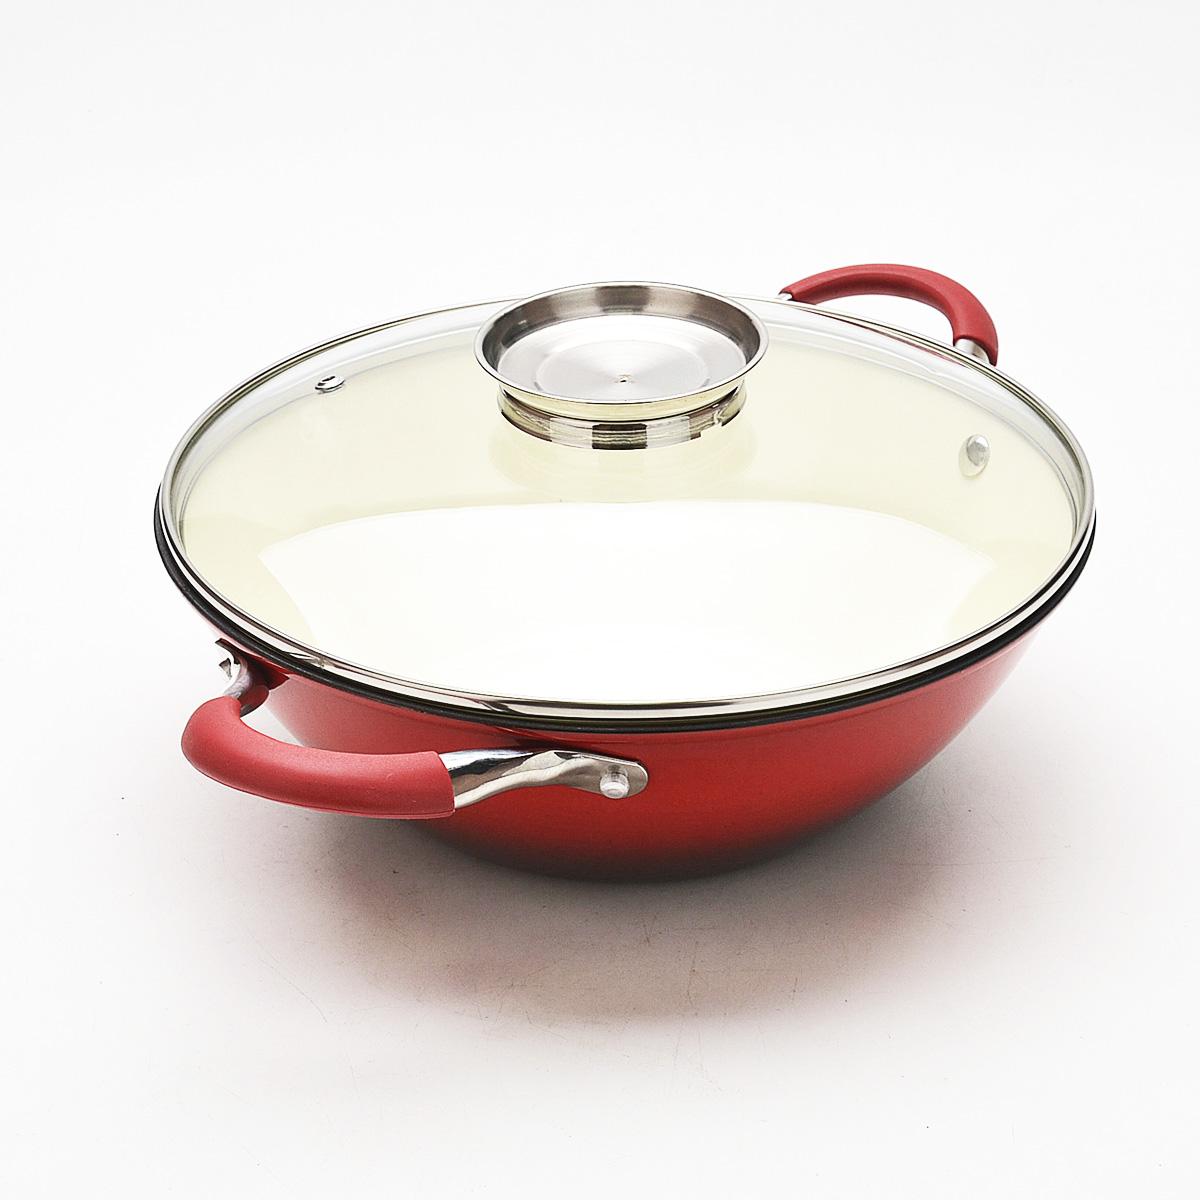 Казан Mayer & Boch с крышкой, с эмалевым покрытием, цвет: красный, 4,4 л22176Казан Mayer & Boch, изготовленный из чугуна, идеально подходит для приготовления вкусных тушеных блюд. Он имеет внешнее и внутреннее эмалевое покрытие. Чугун является традиционным высокопрочным, экологически чистым материалом. Его главной особенностью является то, что эмаль наносится с внешней и внутренней сторонах изделия. Причем, чем дольше и чаще вы пользуетесь этой посудой, тем лучше становятся ее свойства. Высокая теплоемкость чугуна позволяет ему сильно нагреваться и медленно остывать, а это в свою очередь обеспечивает равномерное приготовление пищи. Чугун не вступает в какие-либо химические реакции с пищей в процессе приготовления и хранения, а плотное покрытие - безупречное препятствие для бактерий и запахов. Пища, приготовленная в чугунной посуде, благодаря экологической чистоте материала не может нанести вред здоровью человека. Казан оснащен двумя удобными ручками из нержавеющей стали с силиконовыми вставками. К казану прилагается стеклянная...